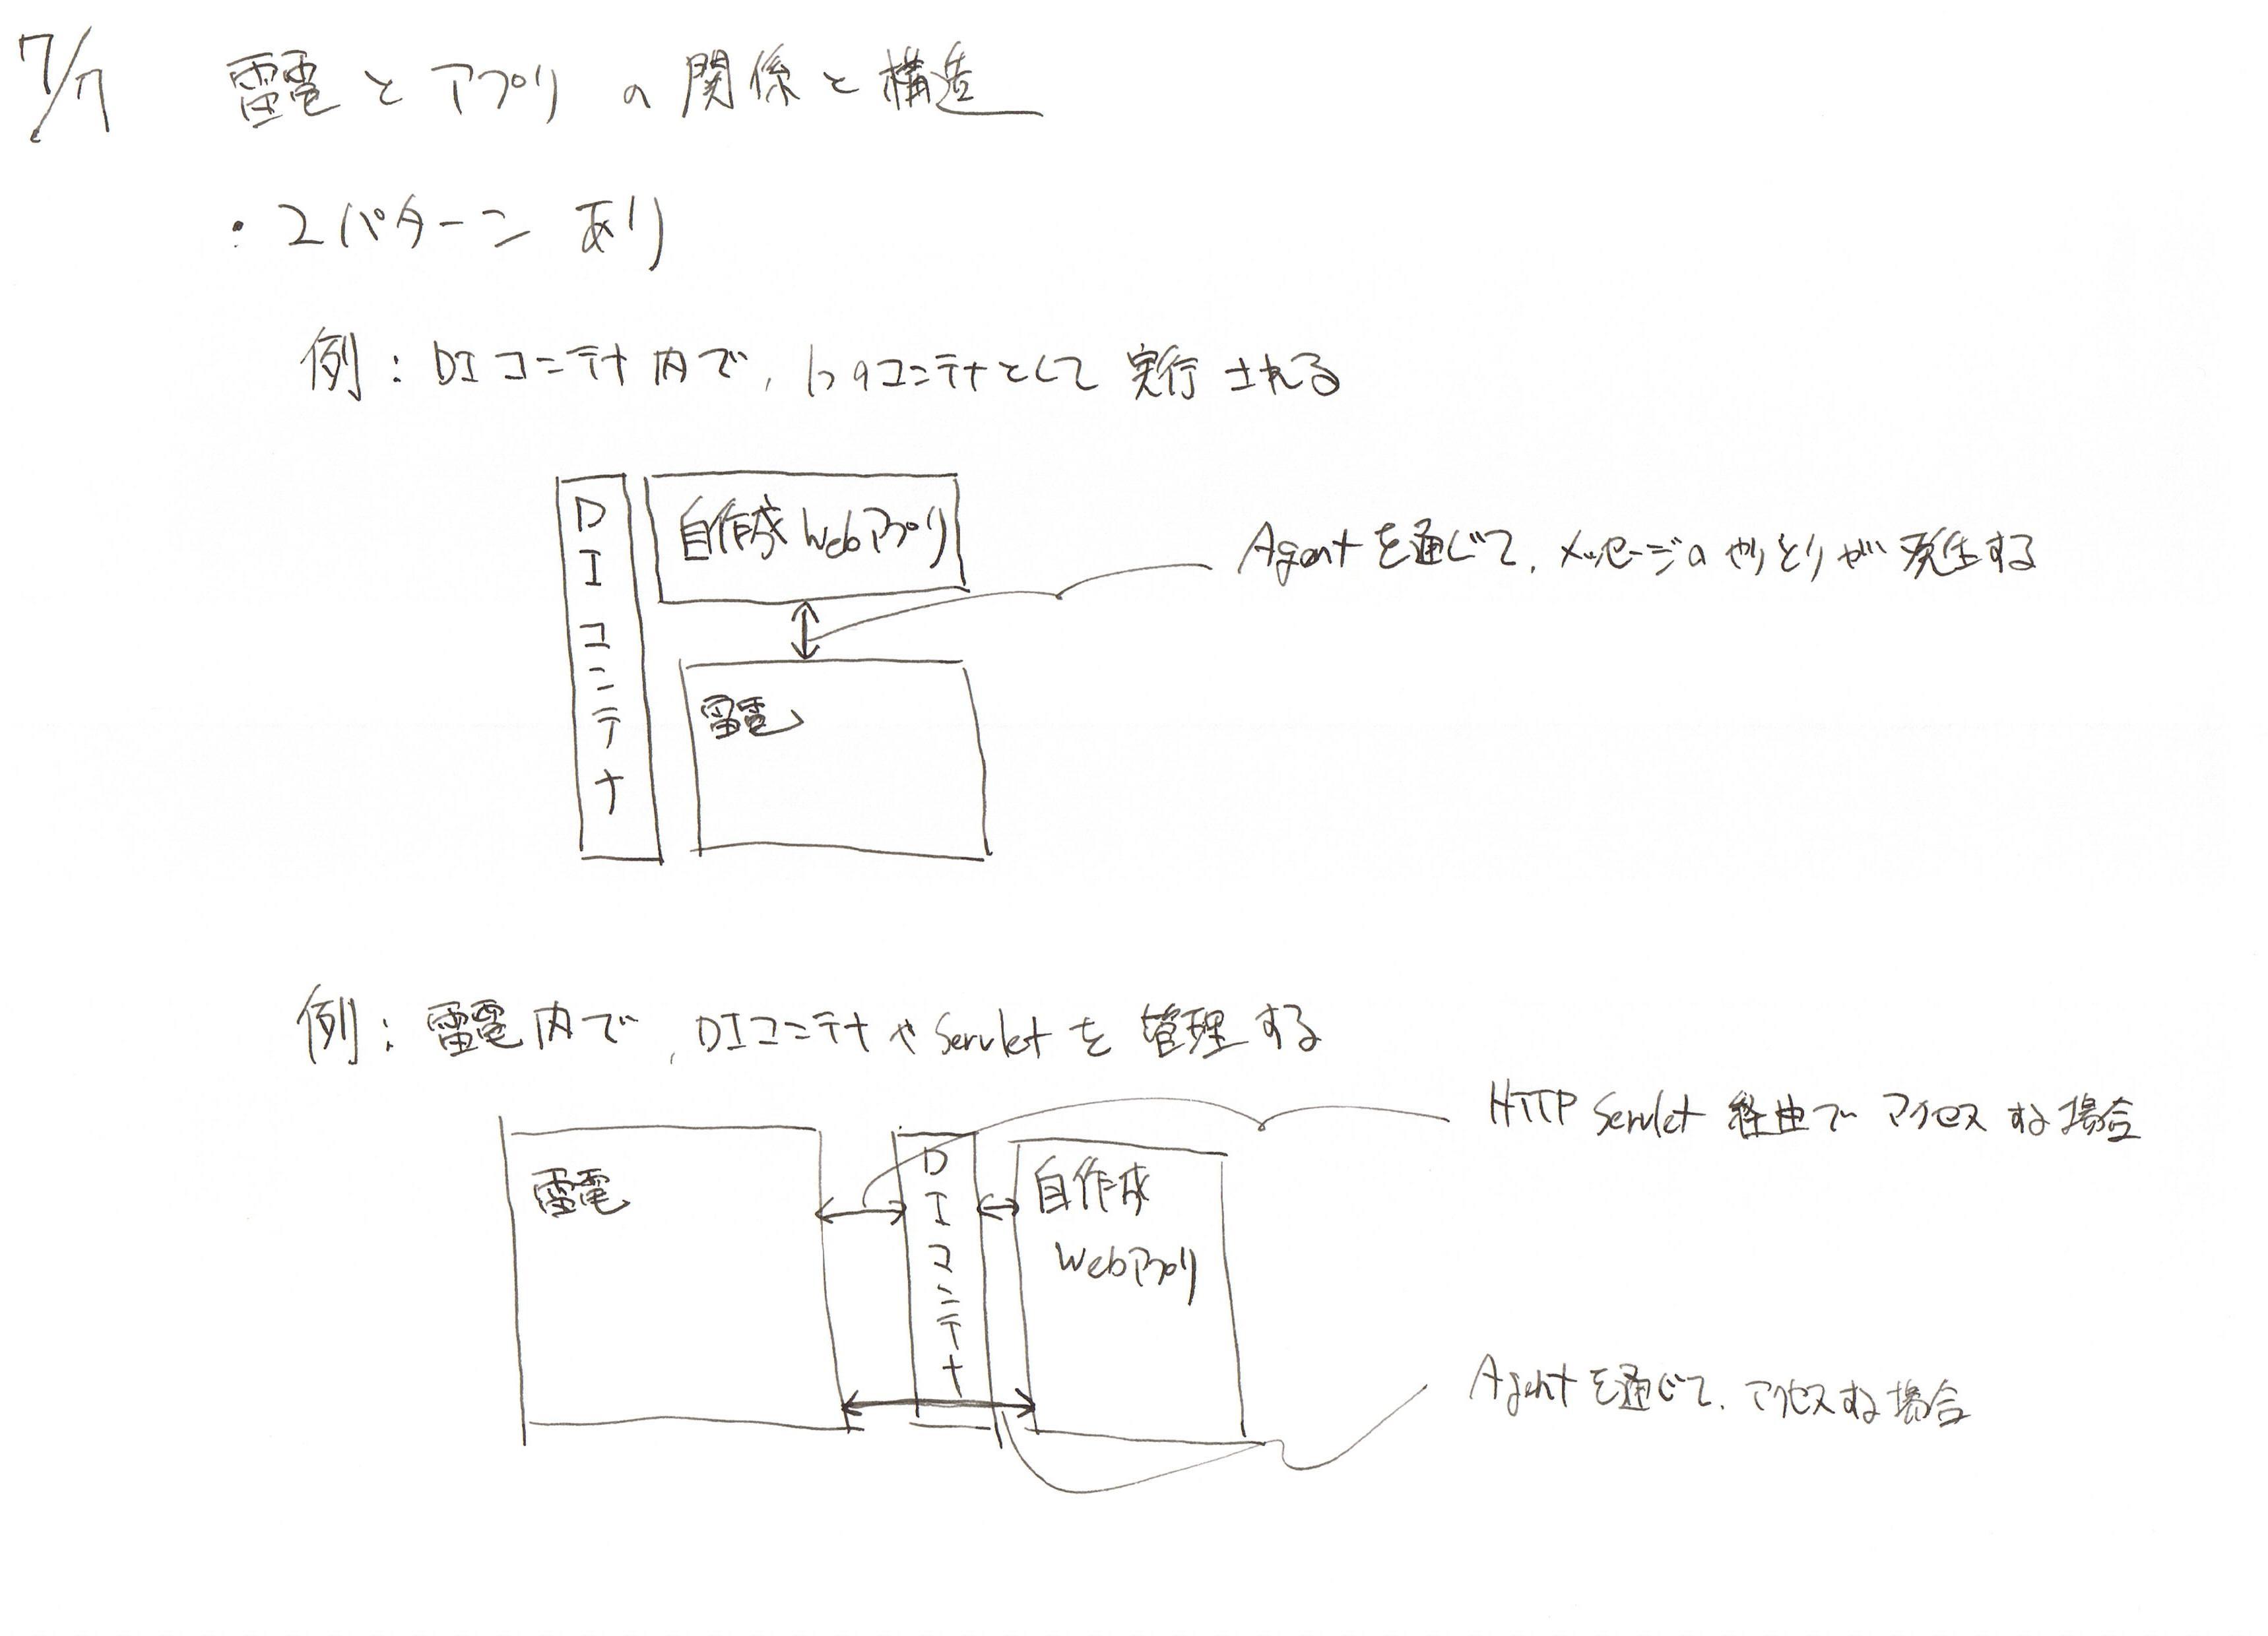 raiden_app_structure.jpg